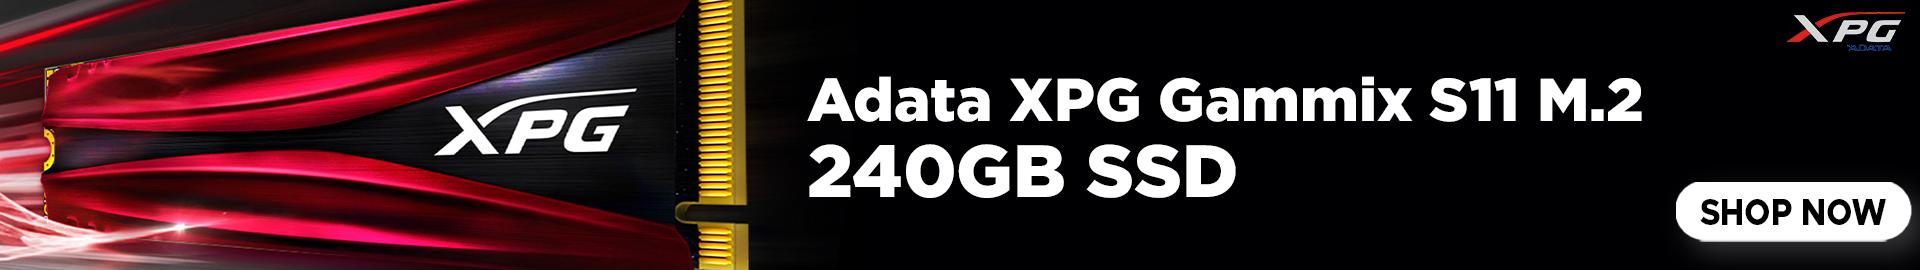 Adata Gammix S11 240GB M.2